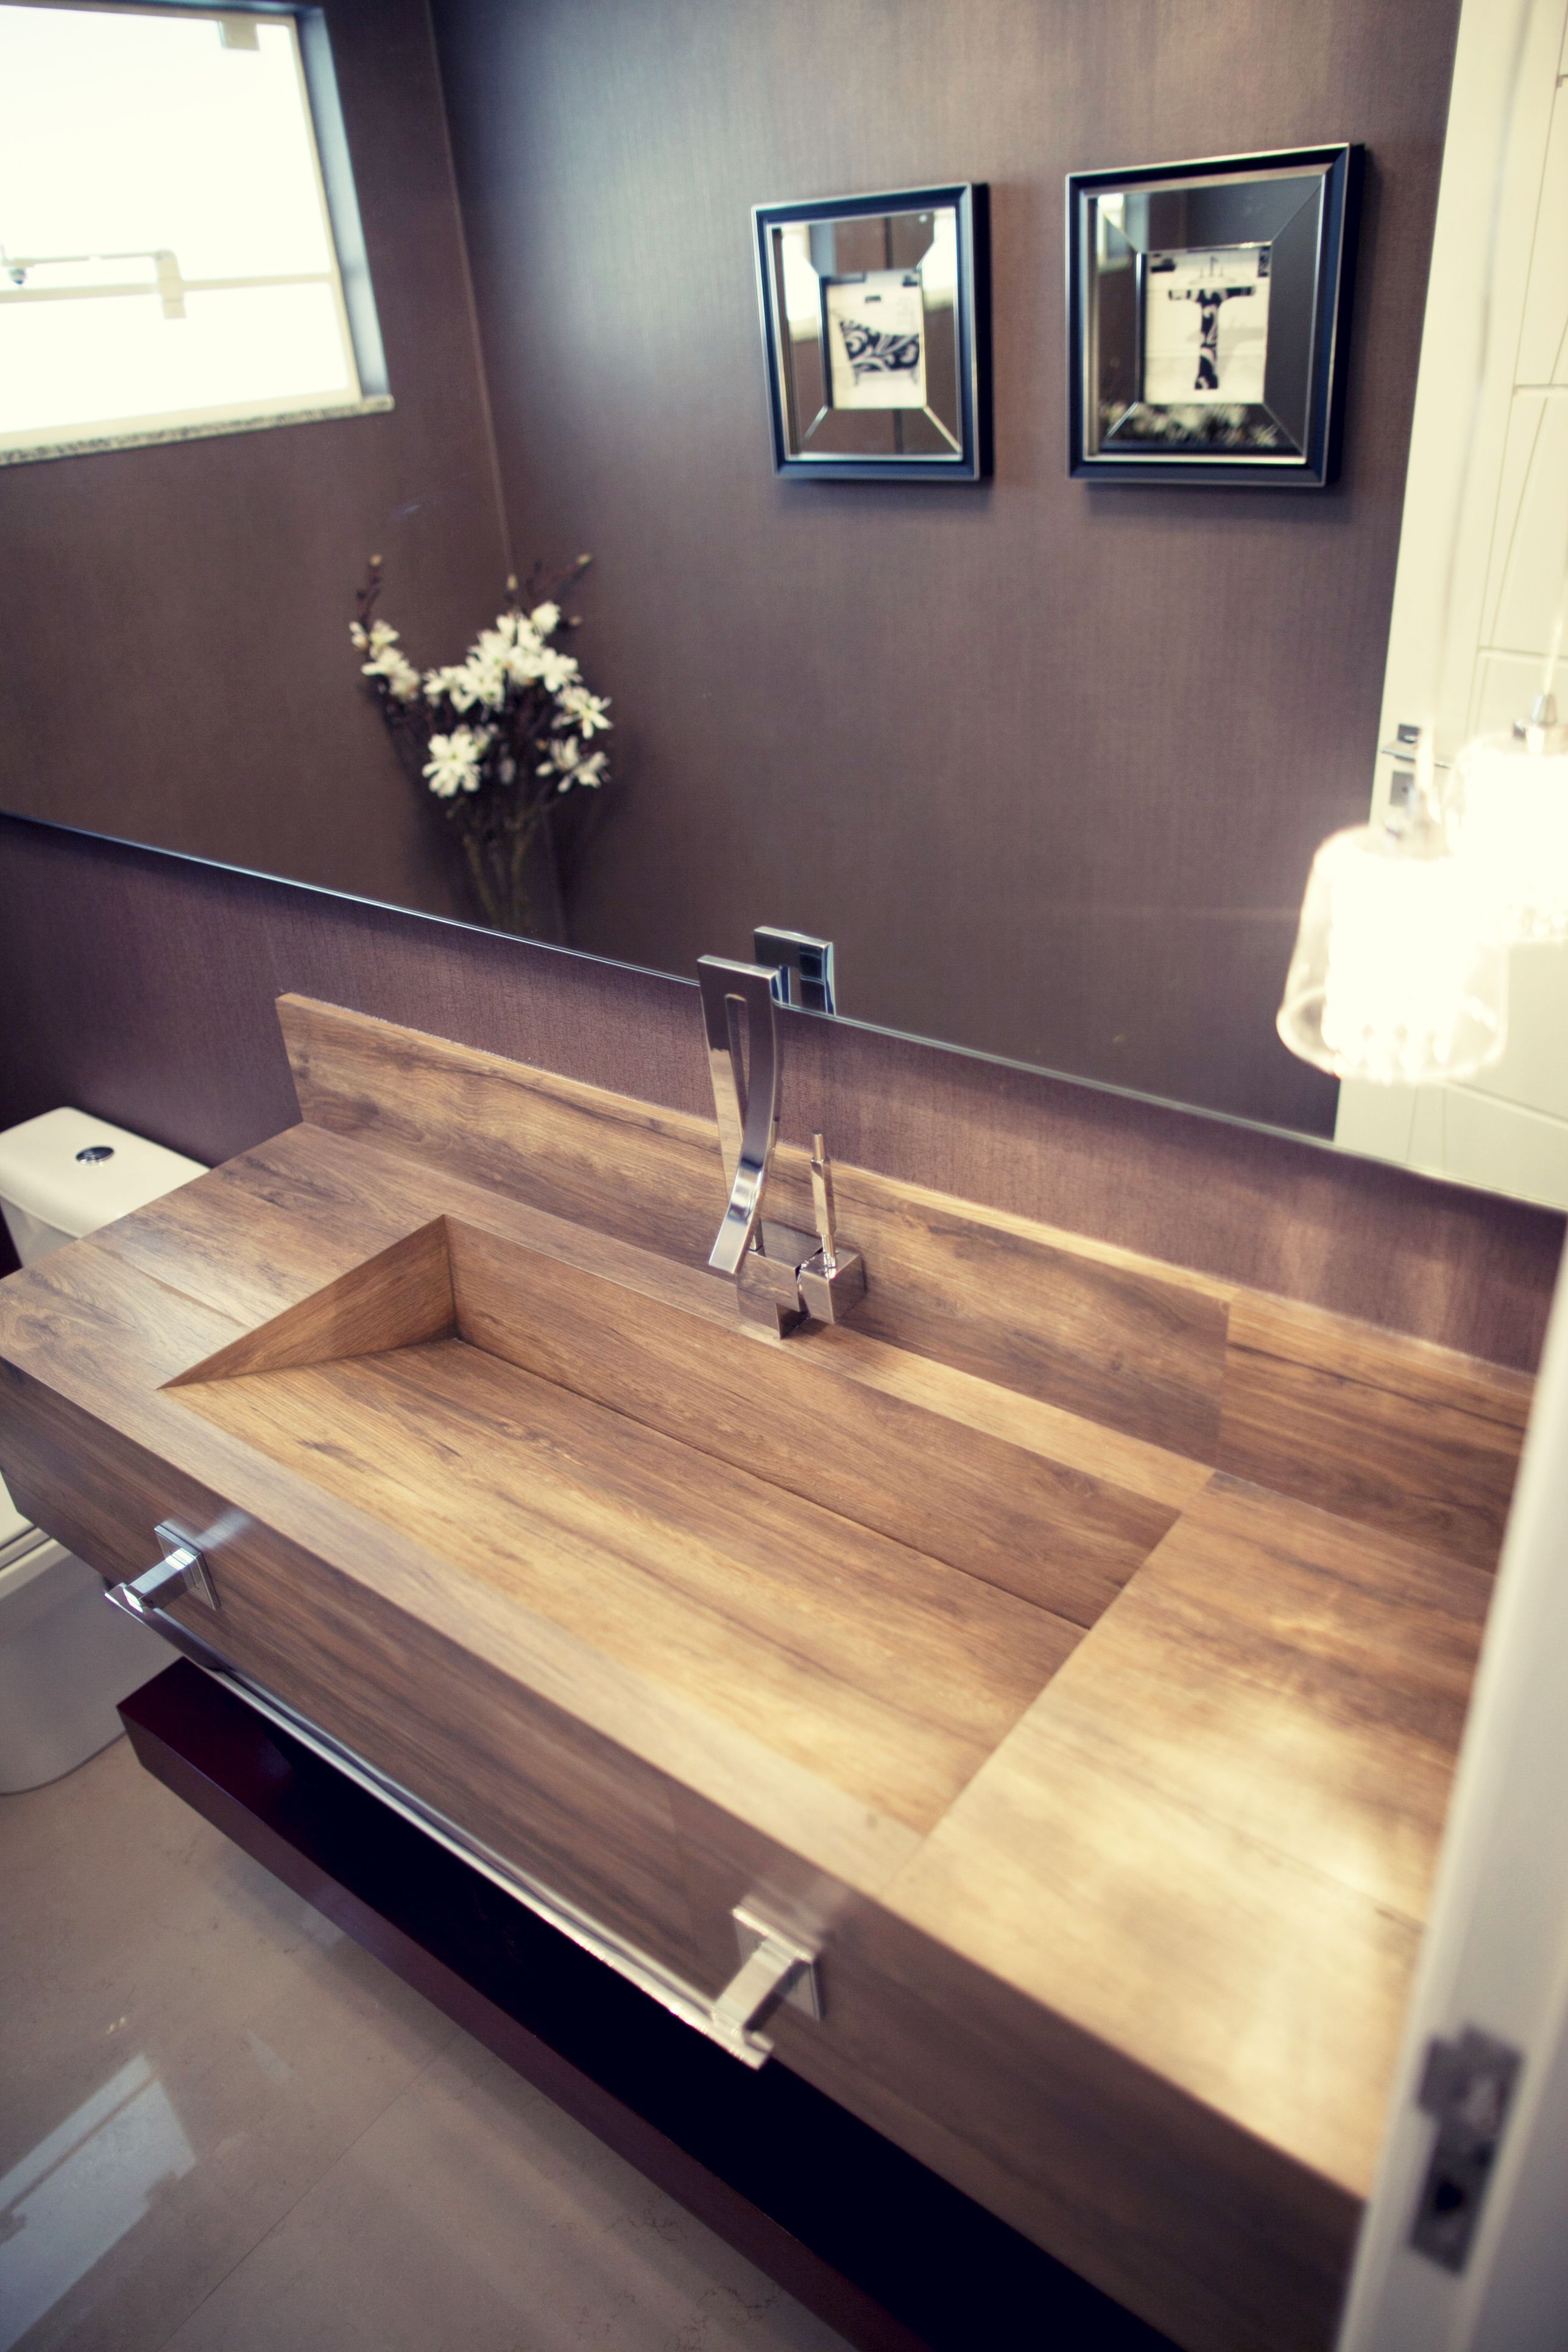 Cermica Lavabo Porcelanato Banheiro Decora